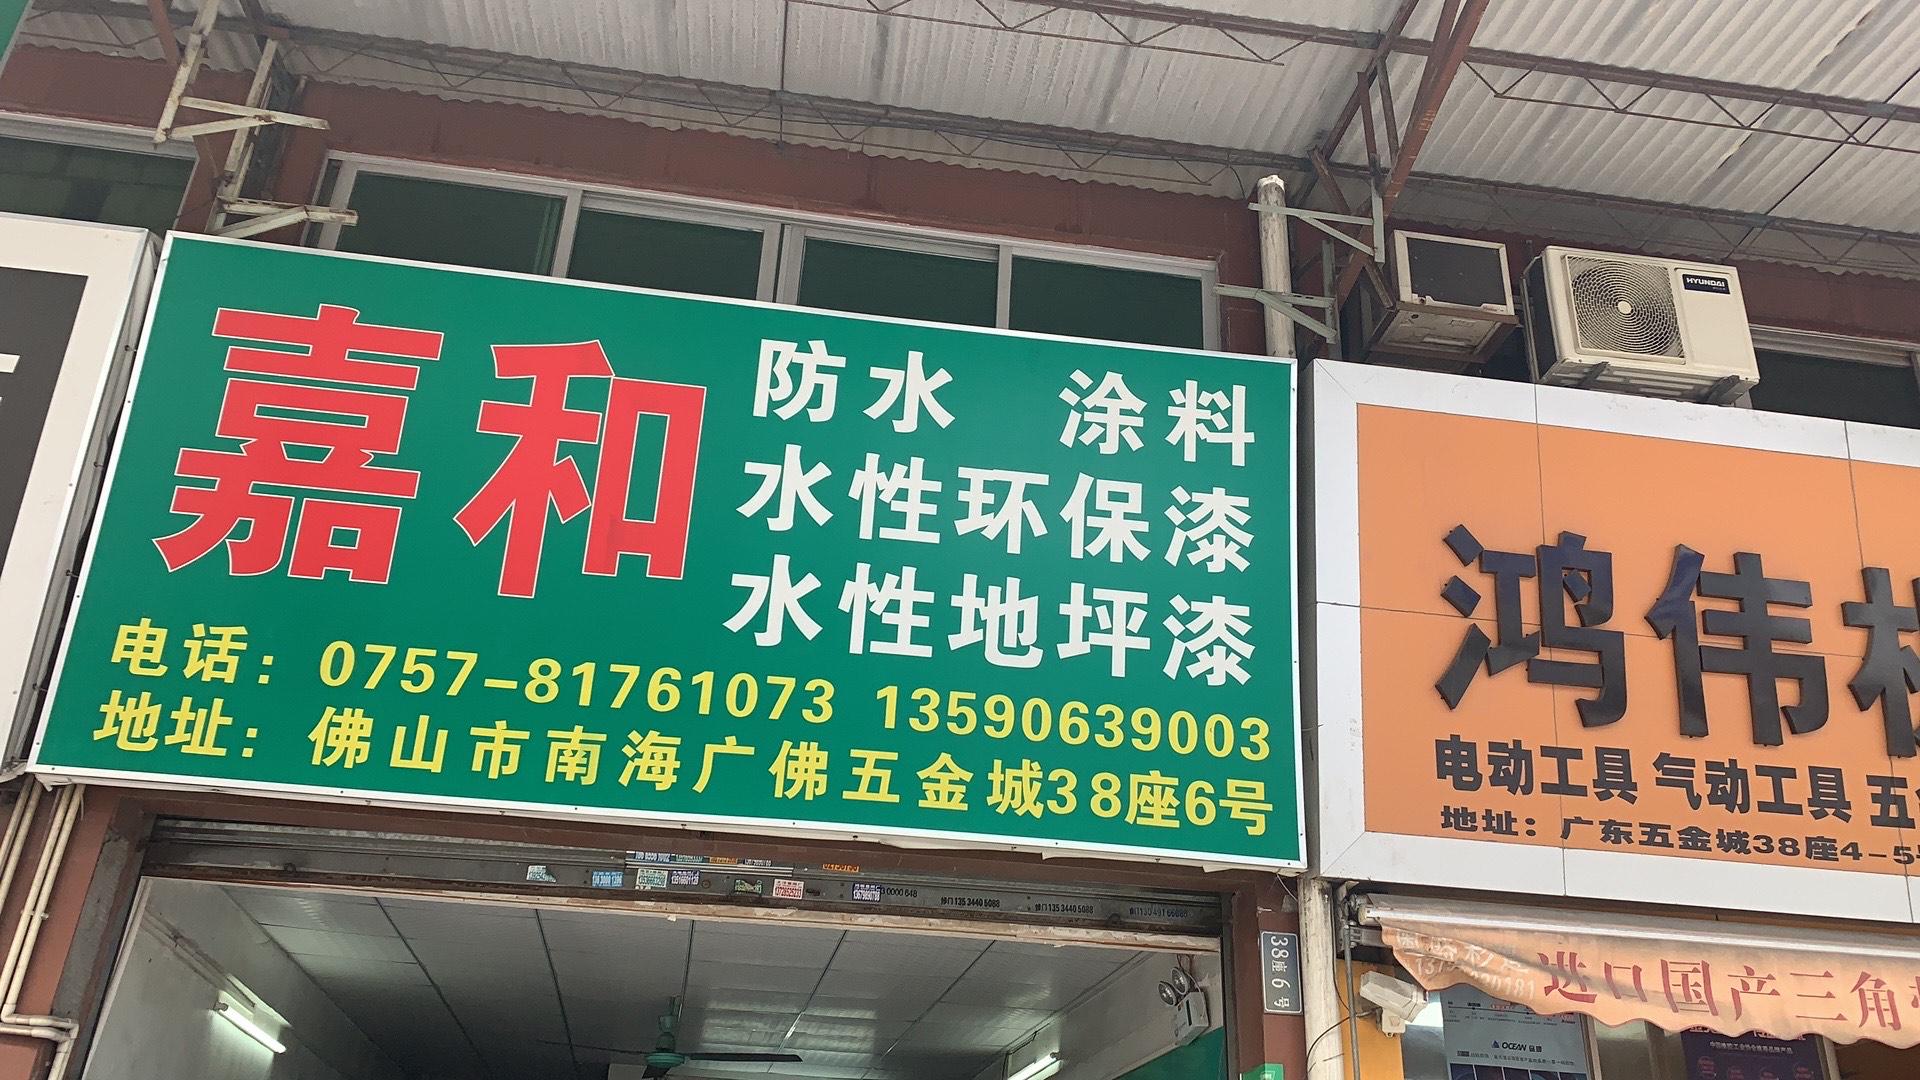 广东省佛山市南海到广东省佛山市南海物流货源信息